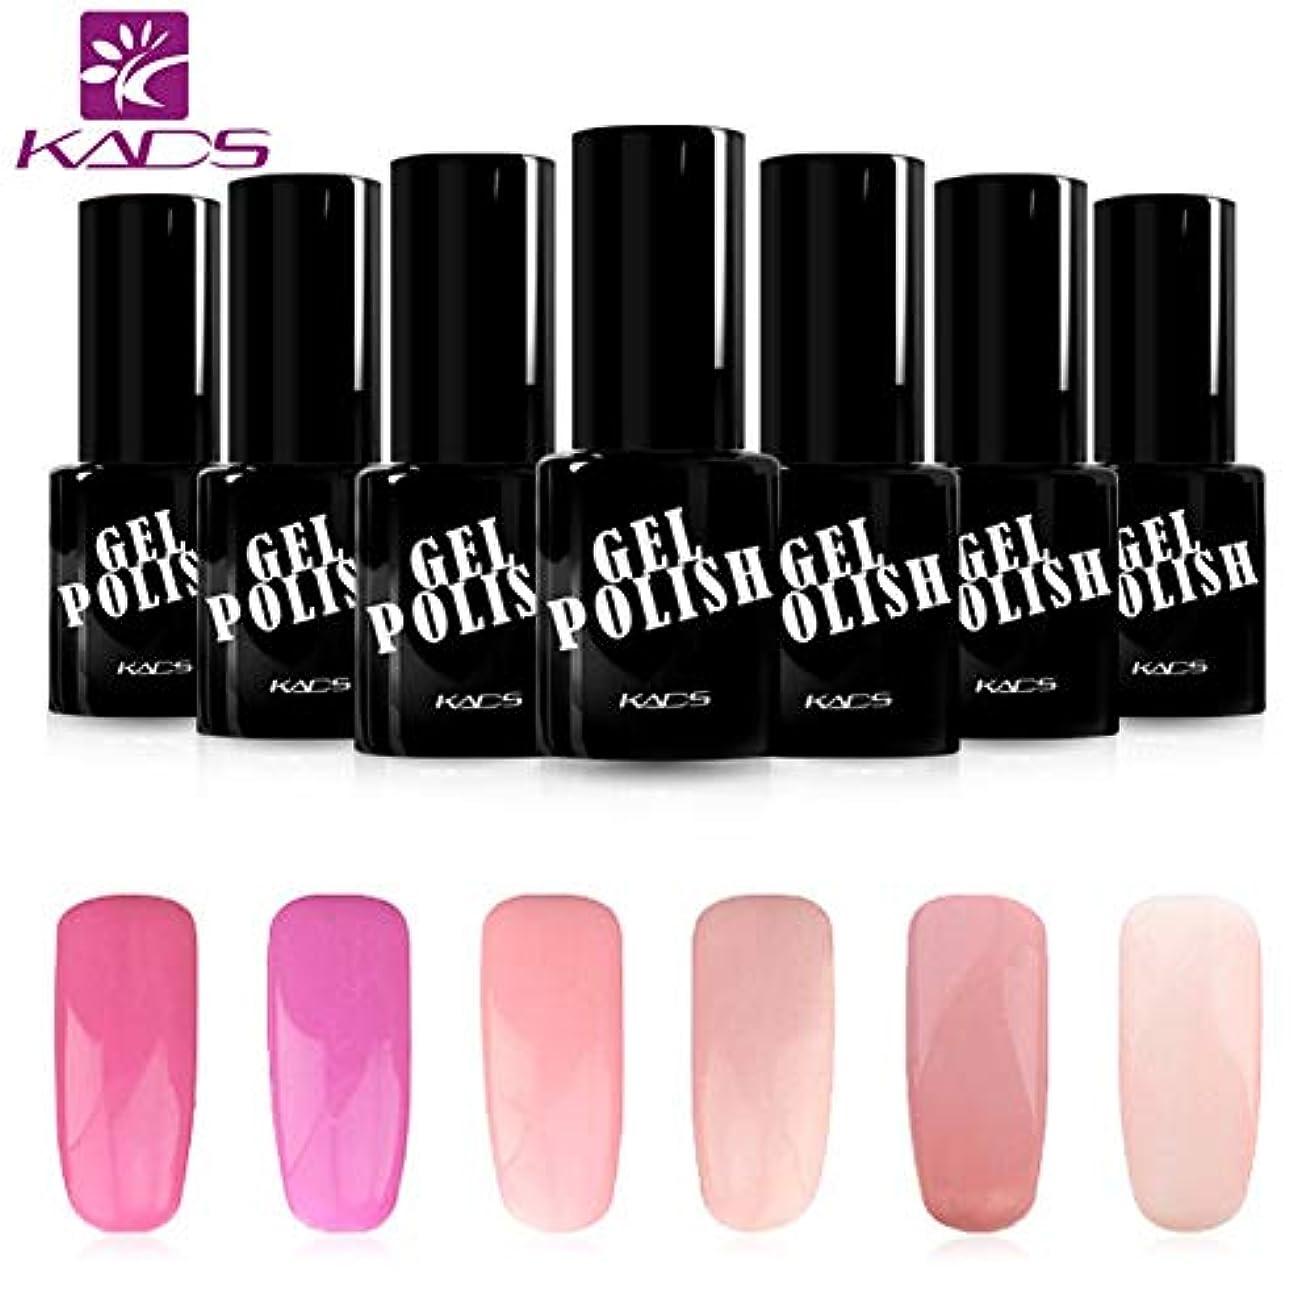 アッパー参加するフィドルKADS ジェルネイルカラーポリッシュ 6ボトルセット 桜の系 ピンク/パープル UV/LED対応 ピンク/パープル系 マニキュアセット (セット1)